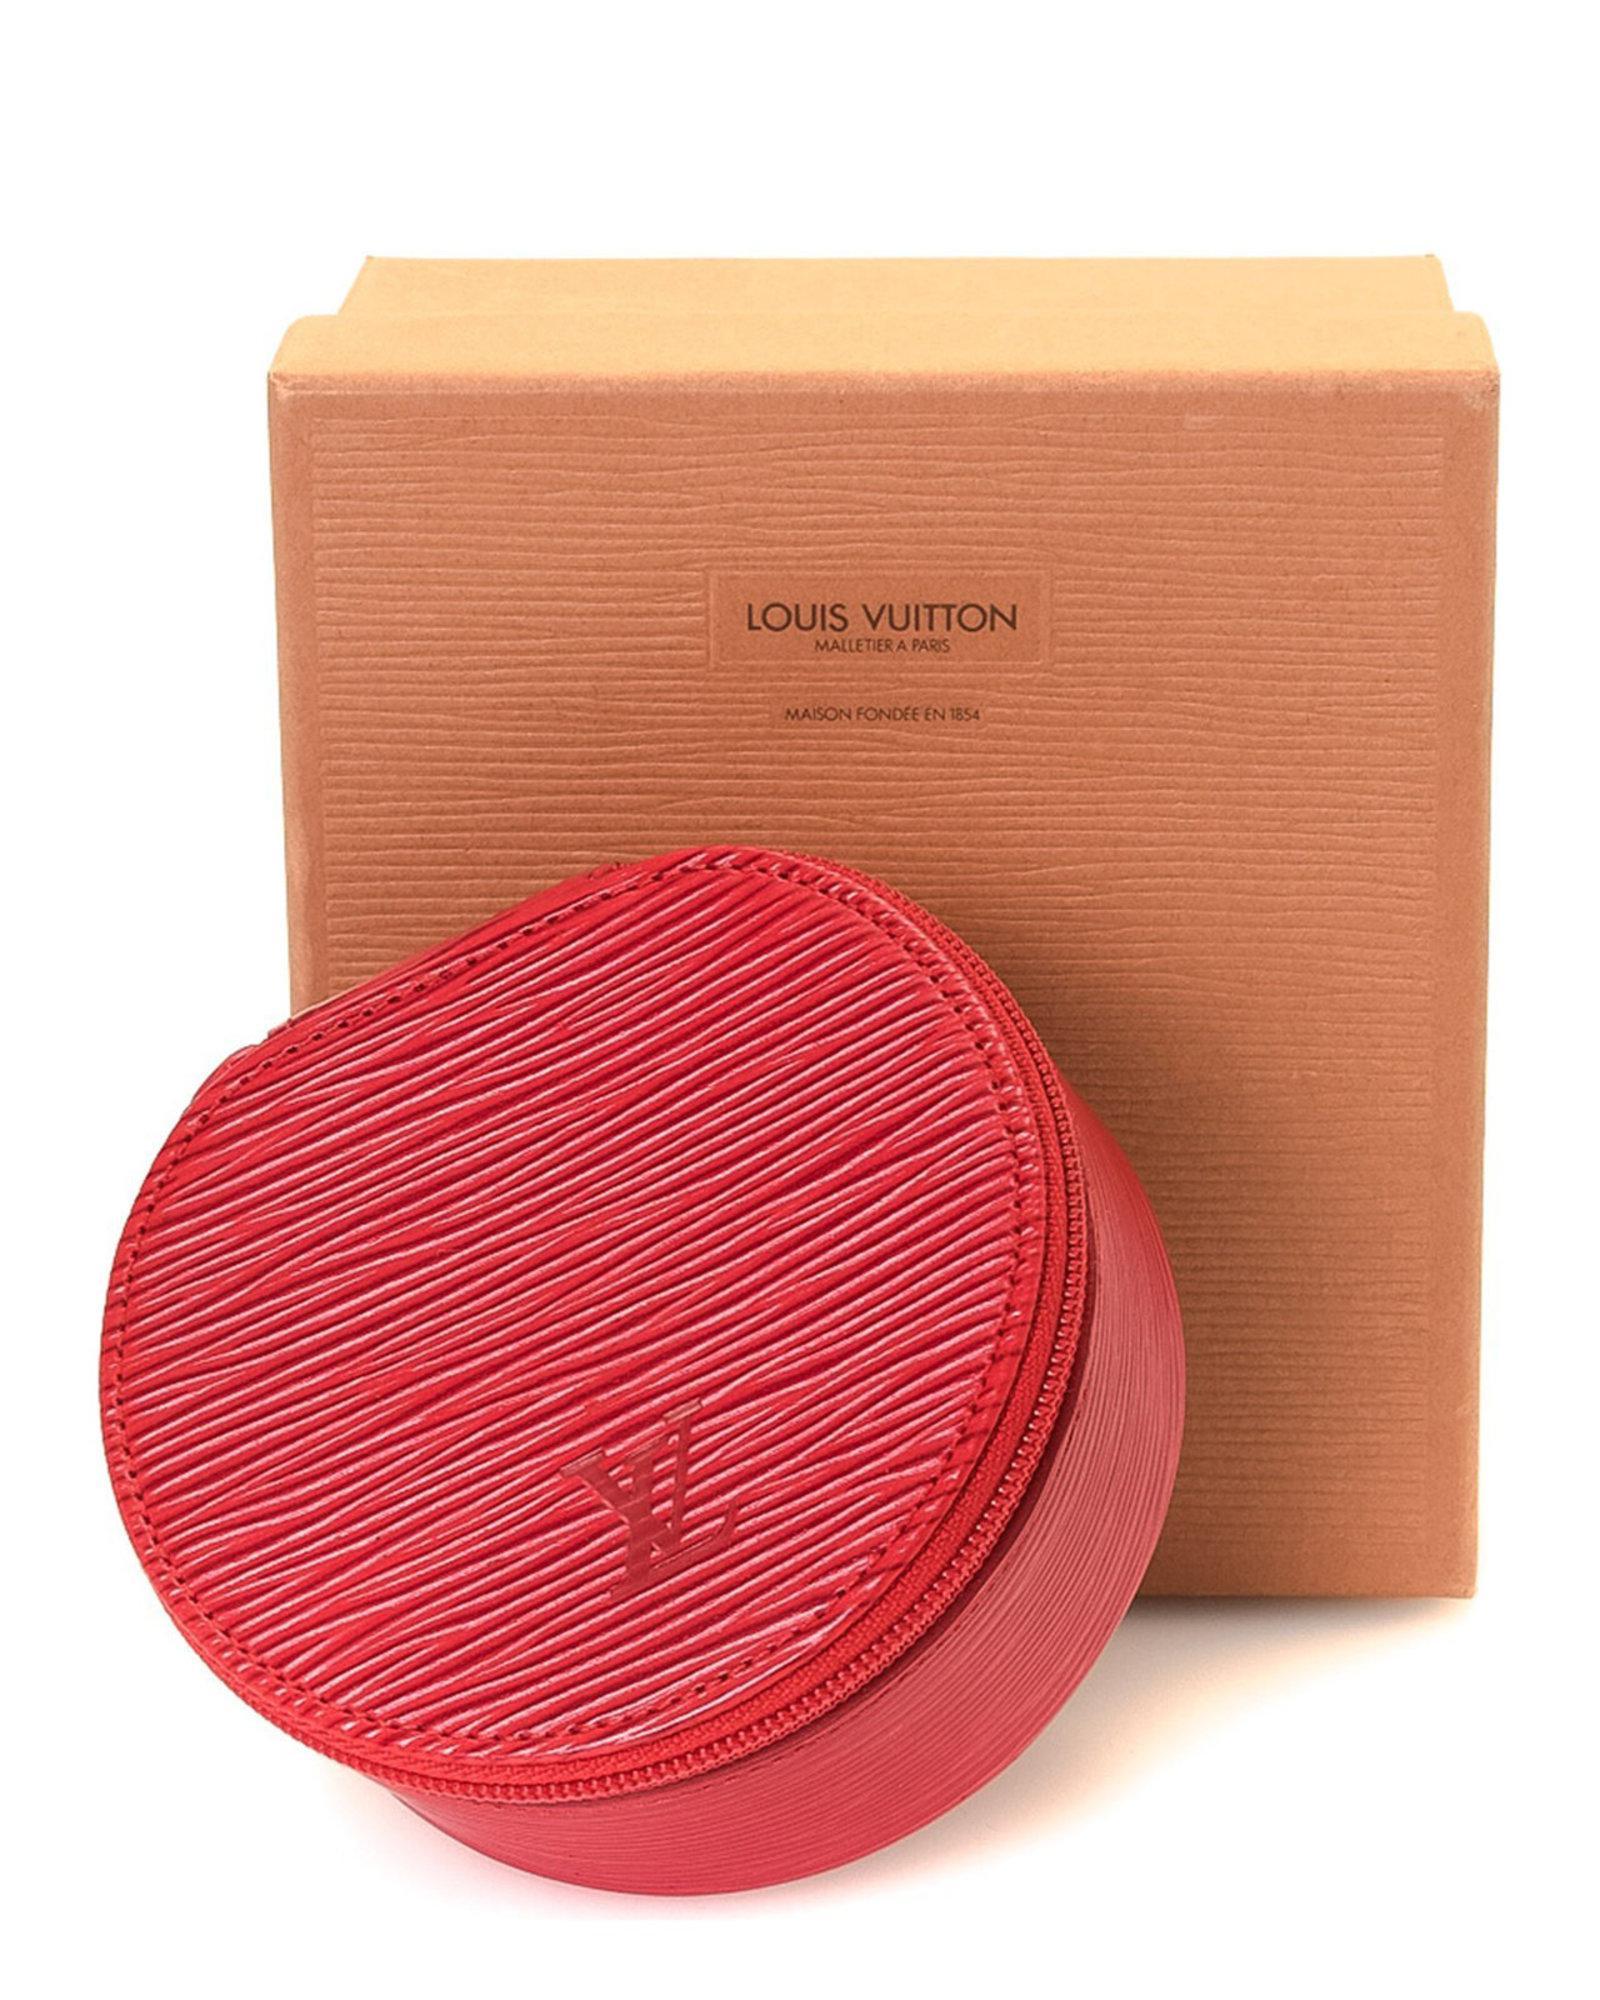 Lyst - Louis Vuitton Ecrin Bijoux 10 Epi Case - Vintage in Red